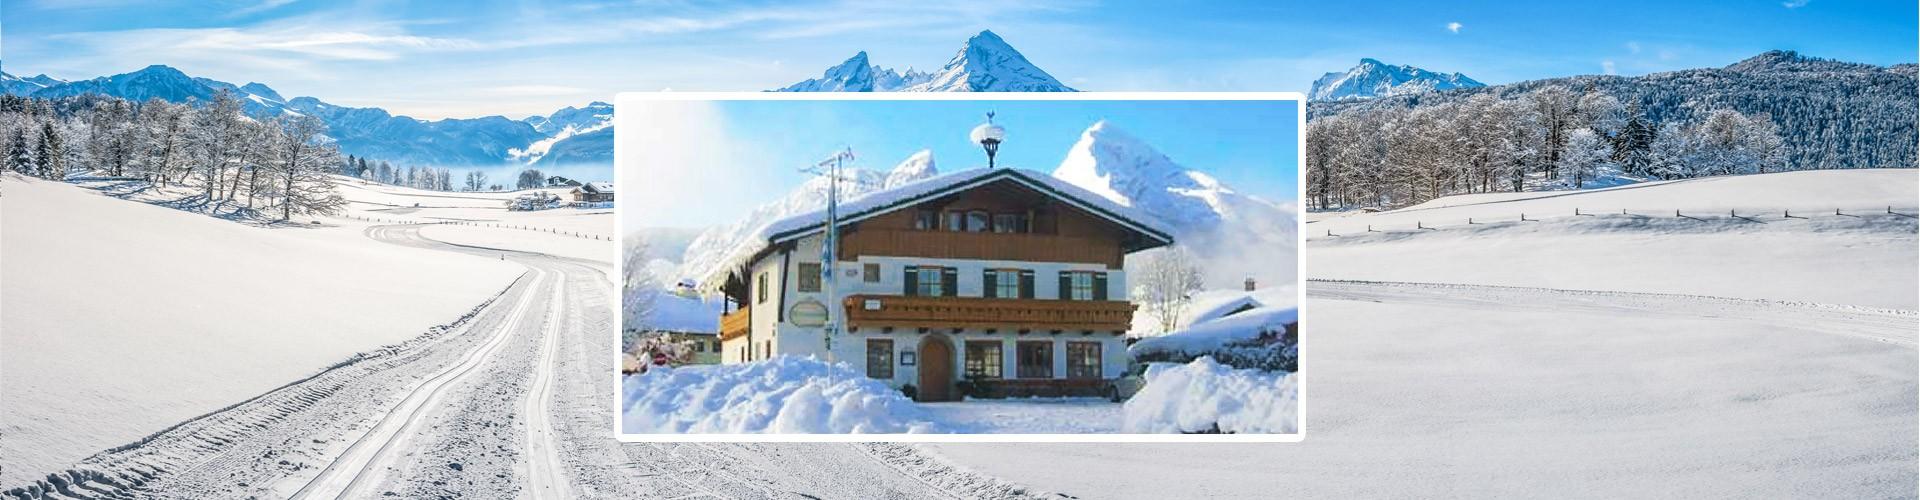 Gästehaus Watzmannblick im Winter